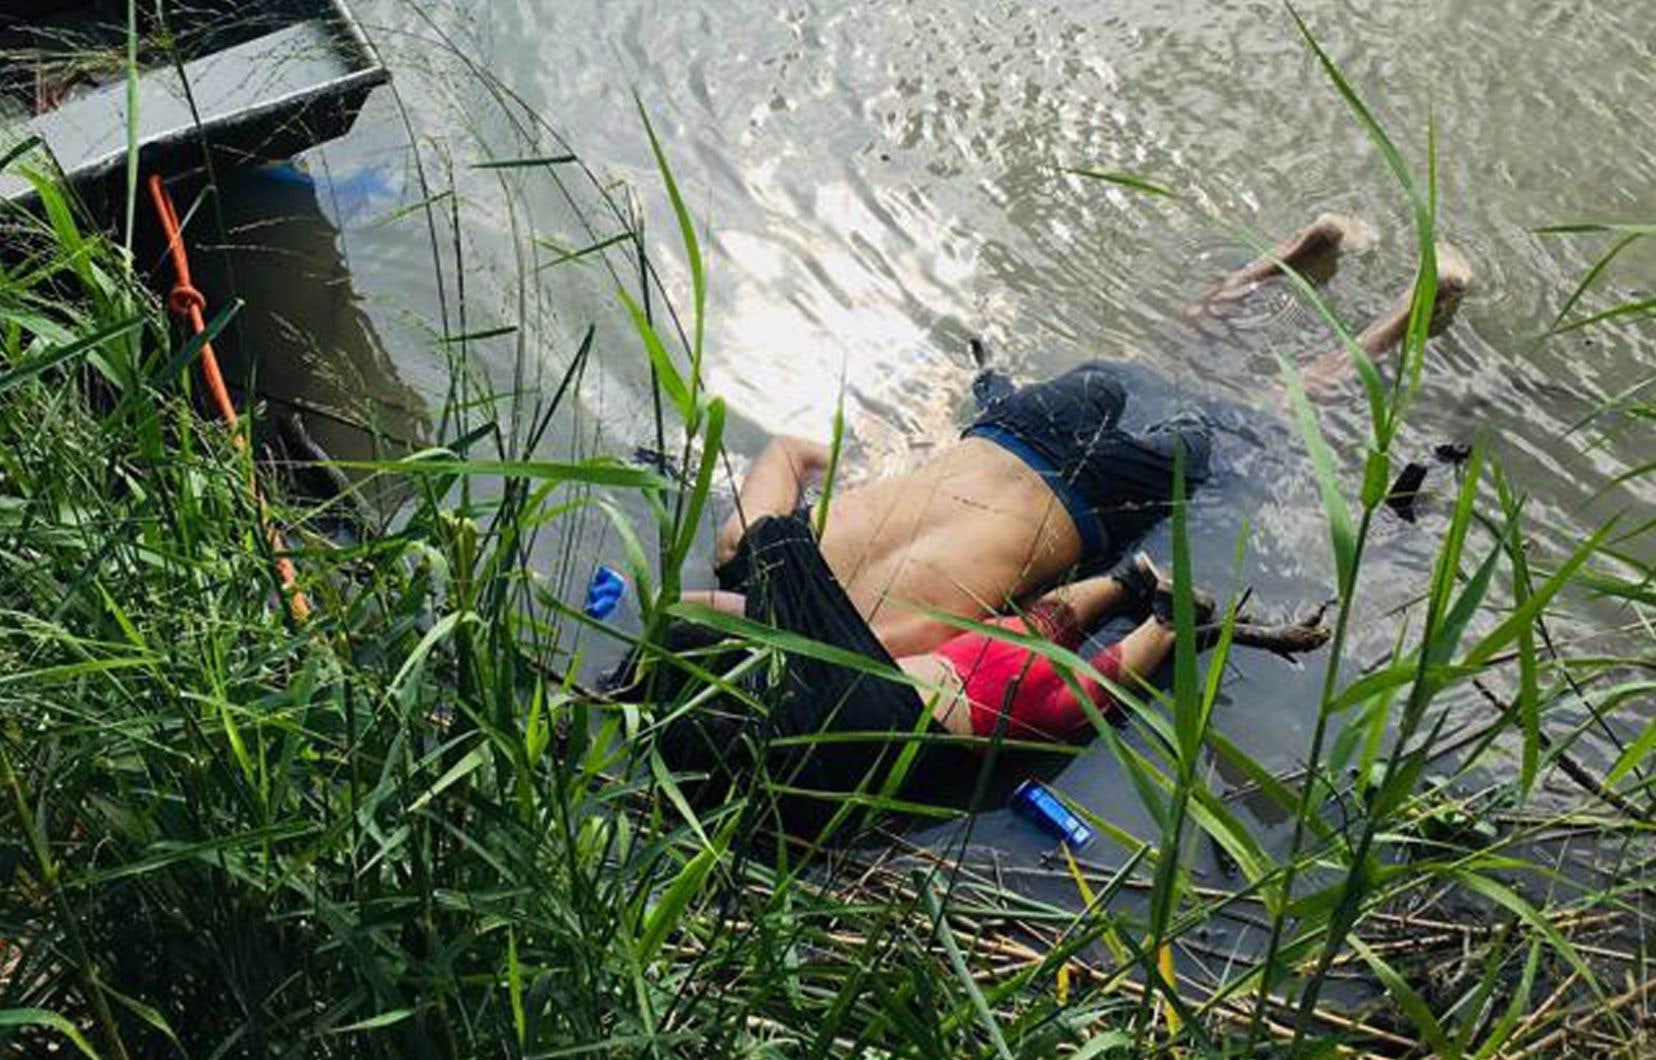 Le cliché a été pris avant l'intervention de la police par la photojournaliste Julia Le Duc qui, dans les pages du quotidien mexicain «La Jordana», l'a également mise en récit.